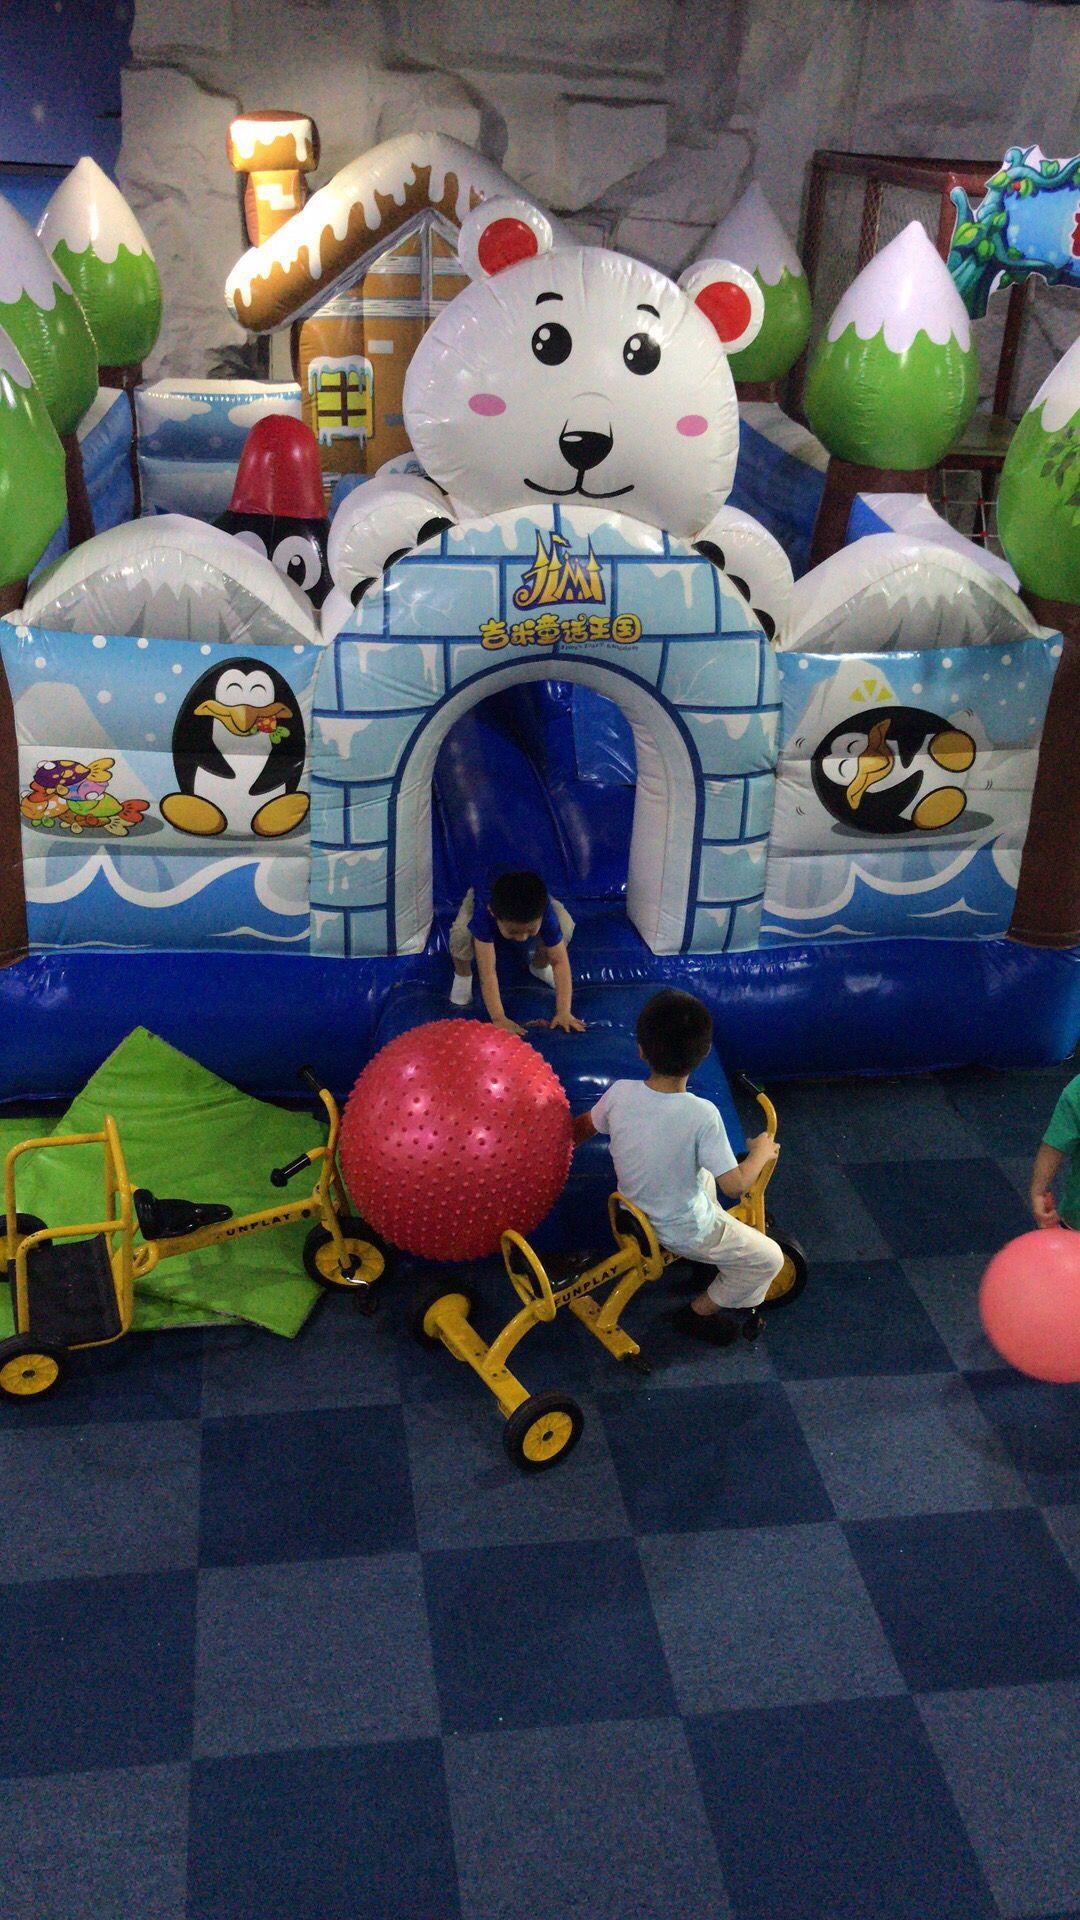 吉米童话王国儿童主题乐园